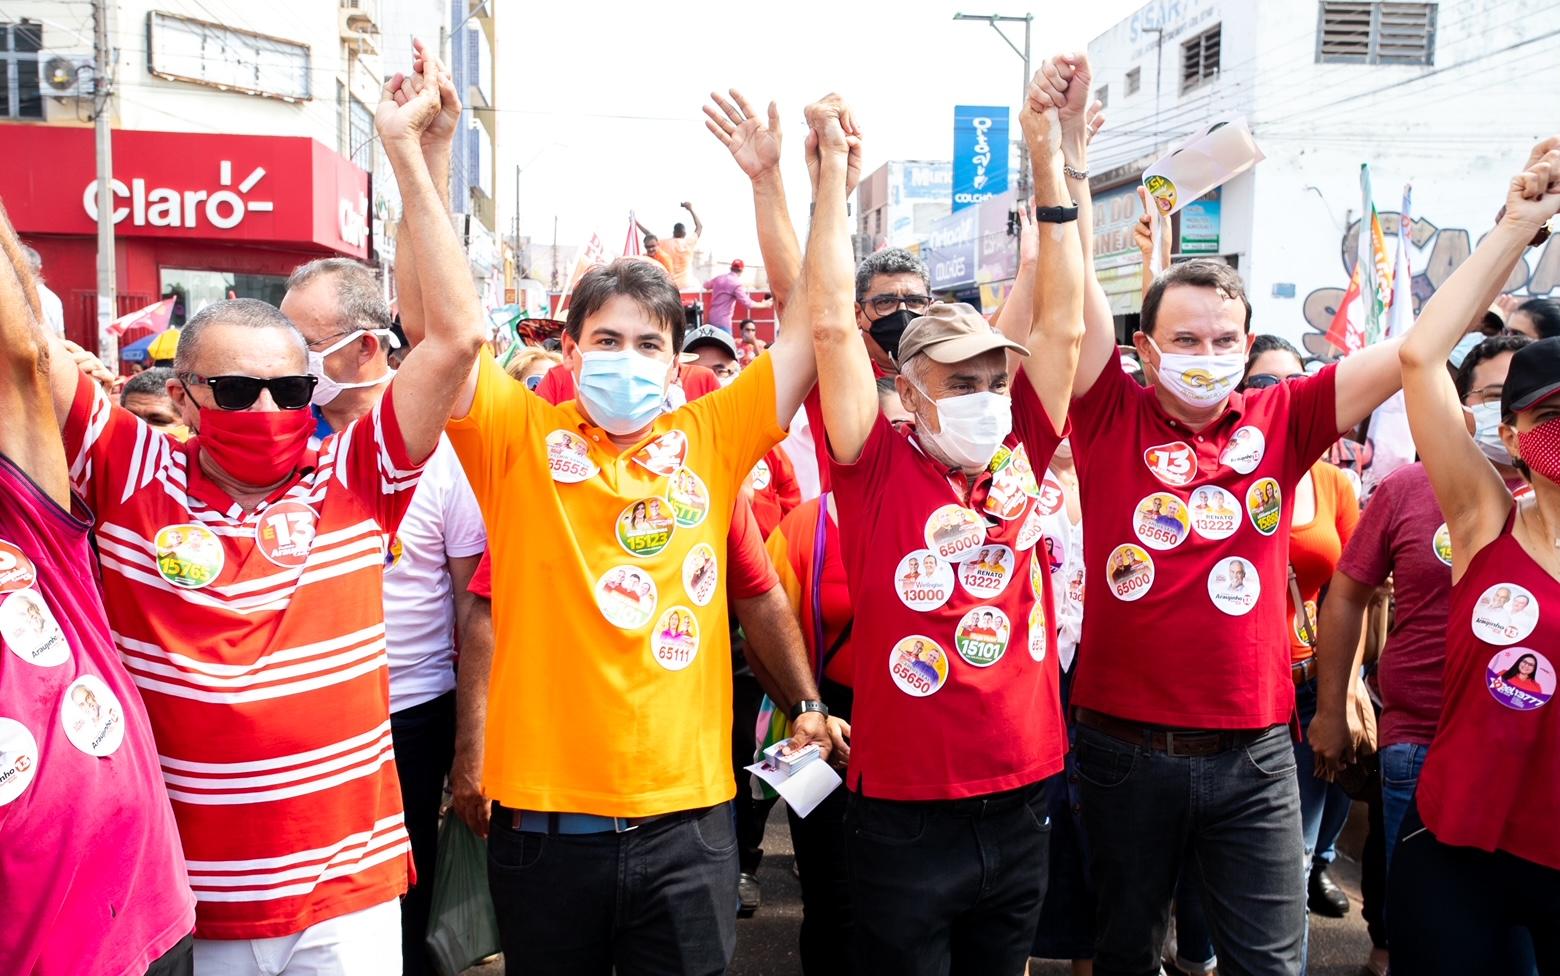 Em grande caminhada, candidato Araujinho recebeu o apoio e o carinho dos populares picoenses